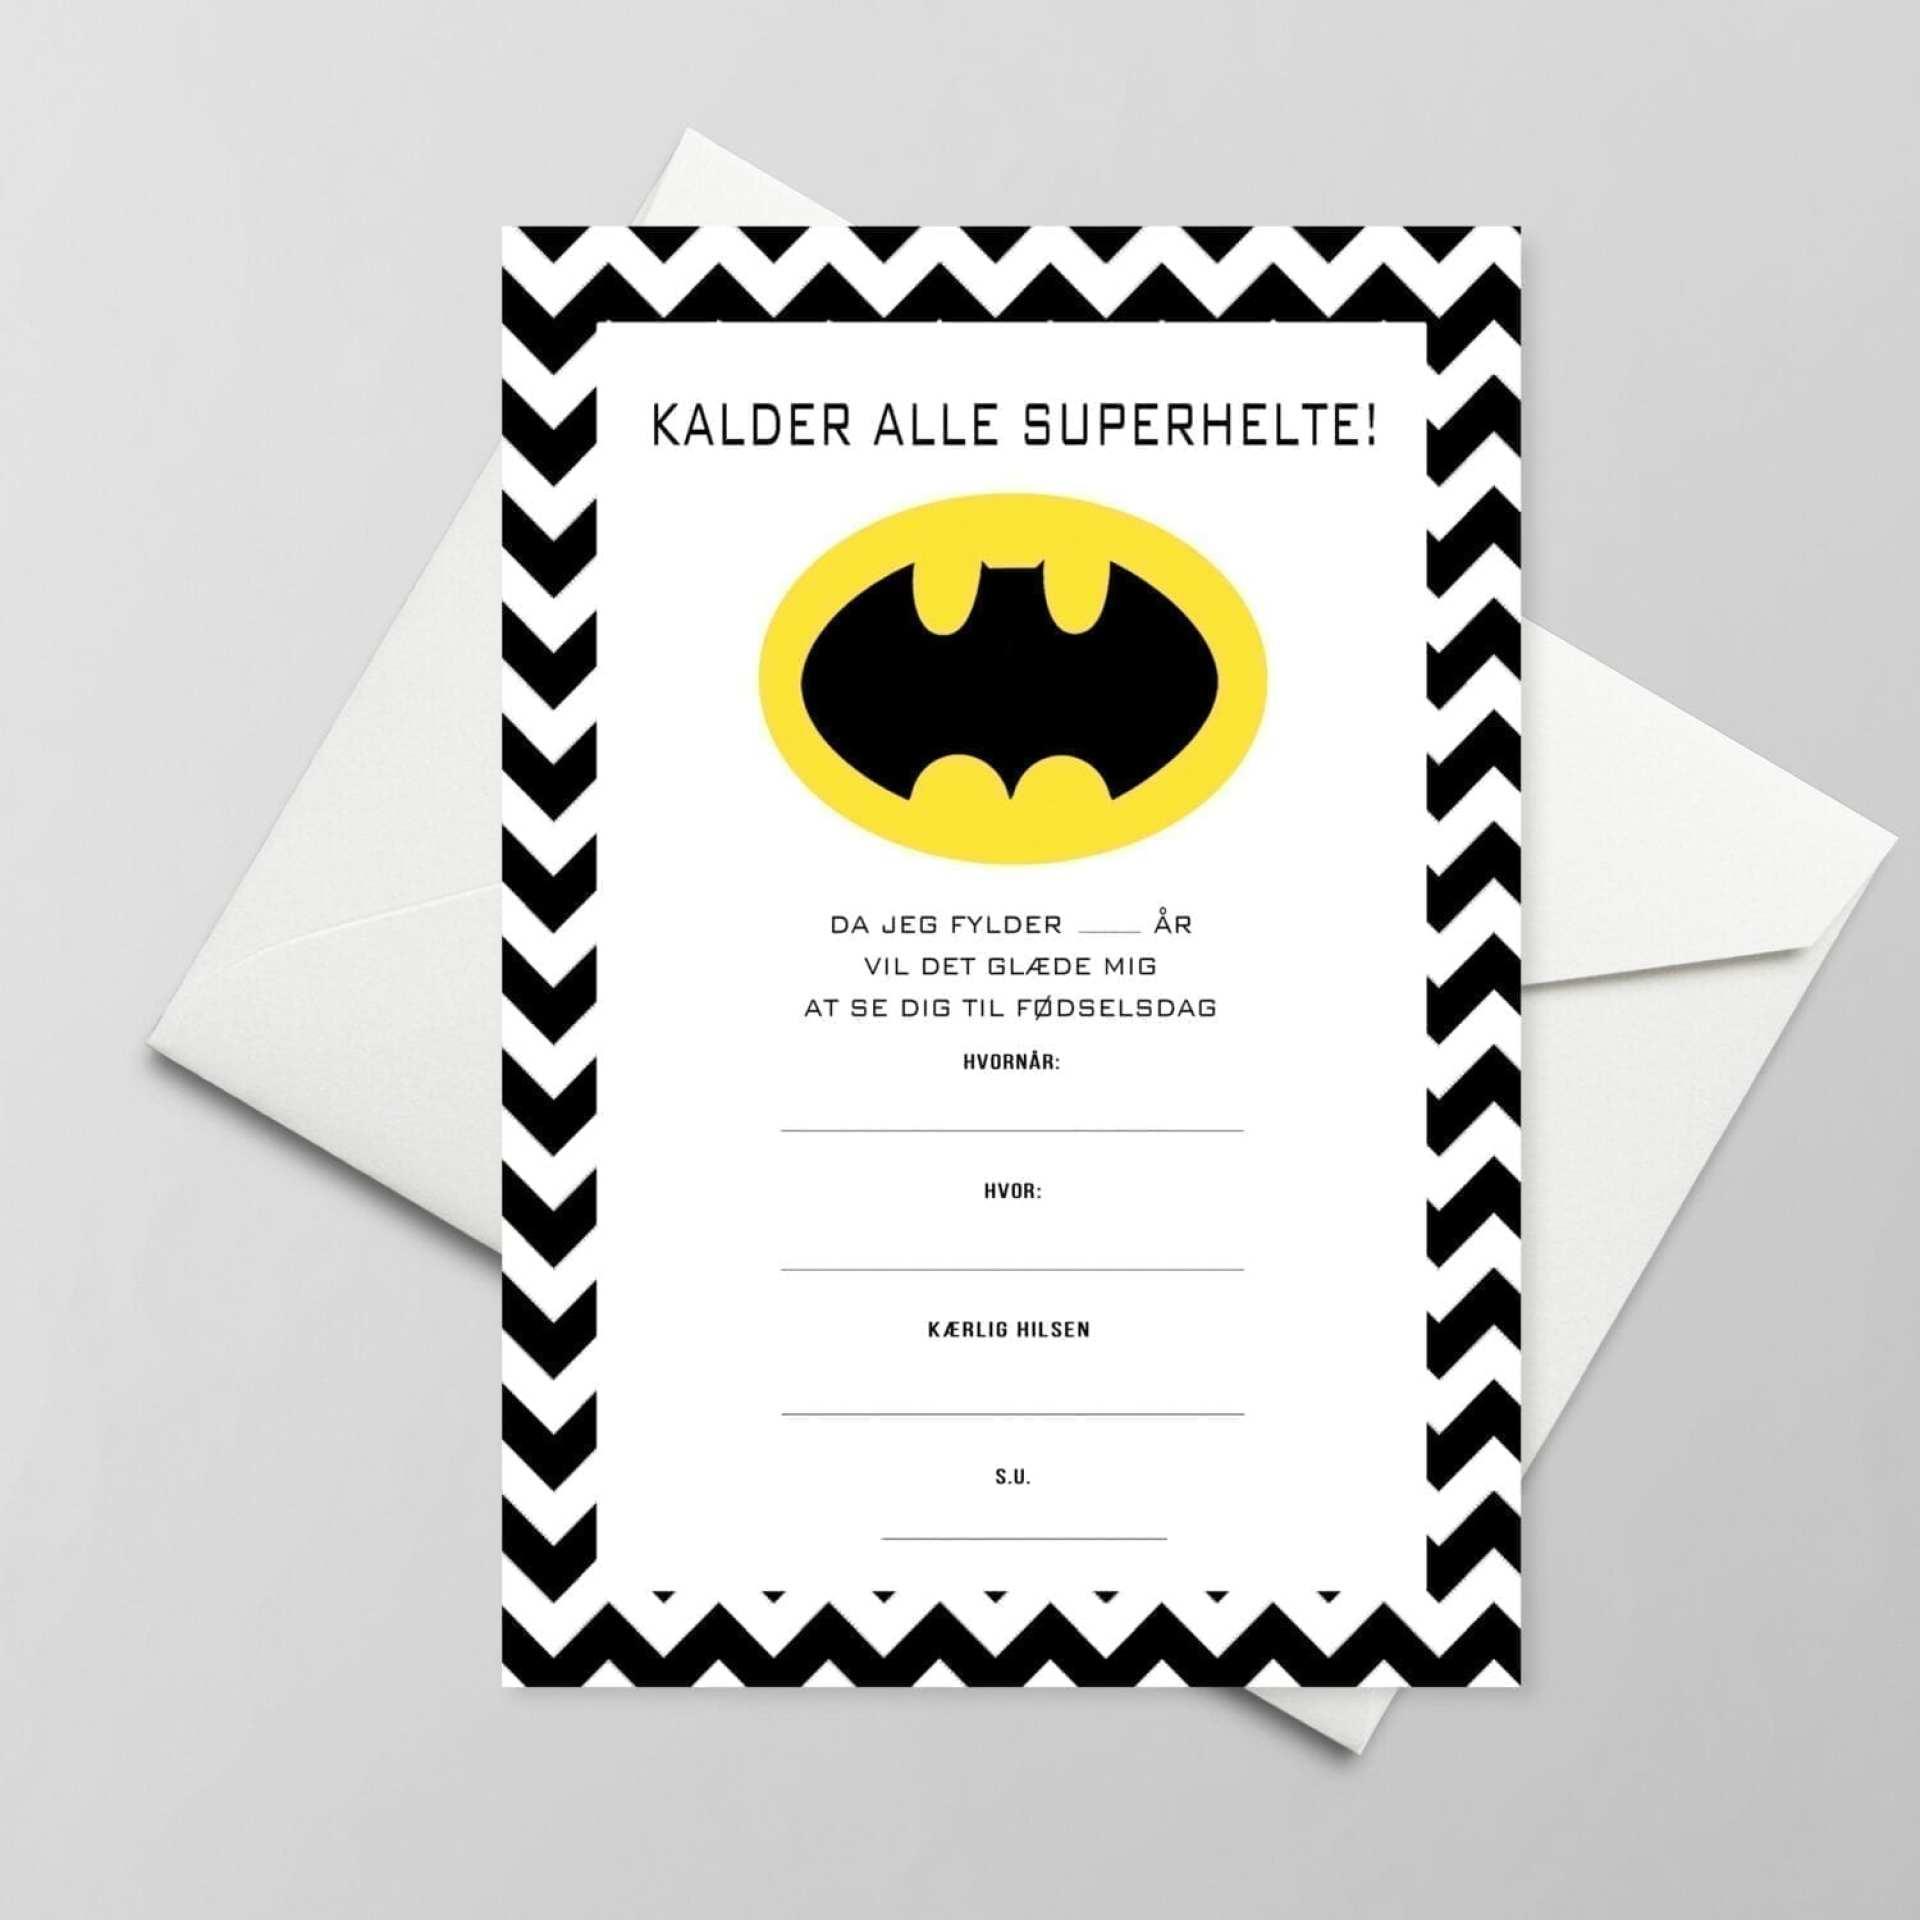 Superhelte invitation